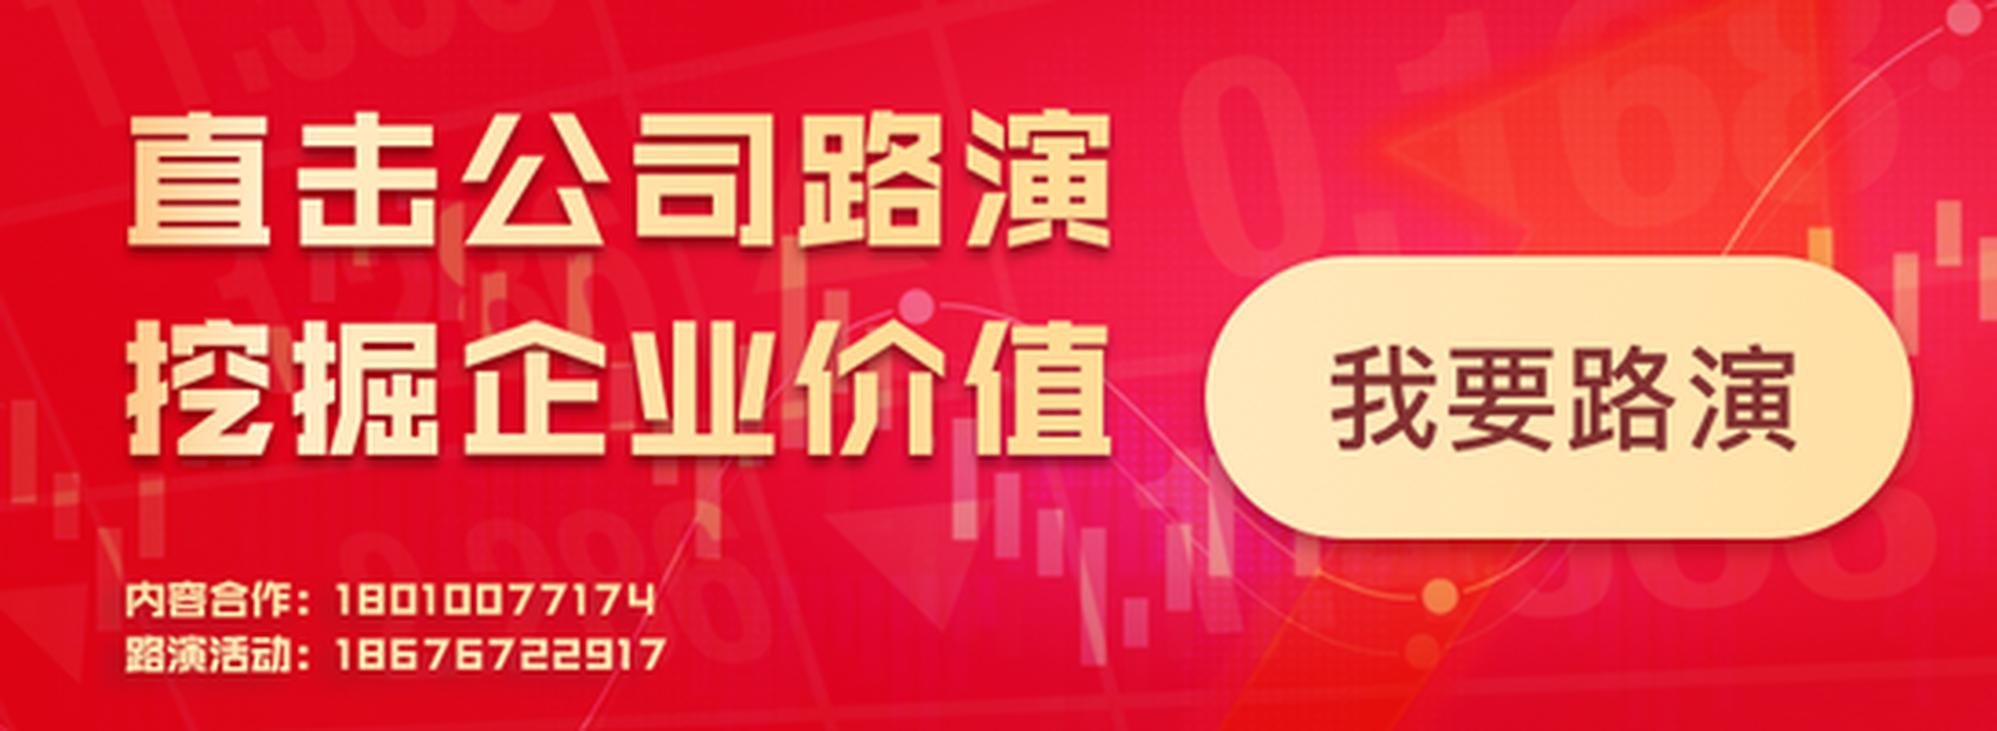 腾讯音乐2019年第二季度业绩电话会8月13日召开_网络赚钱途径